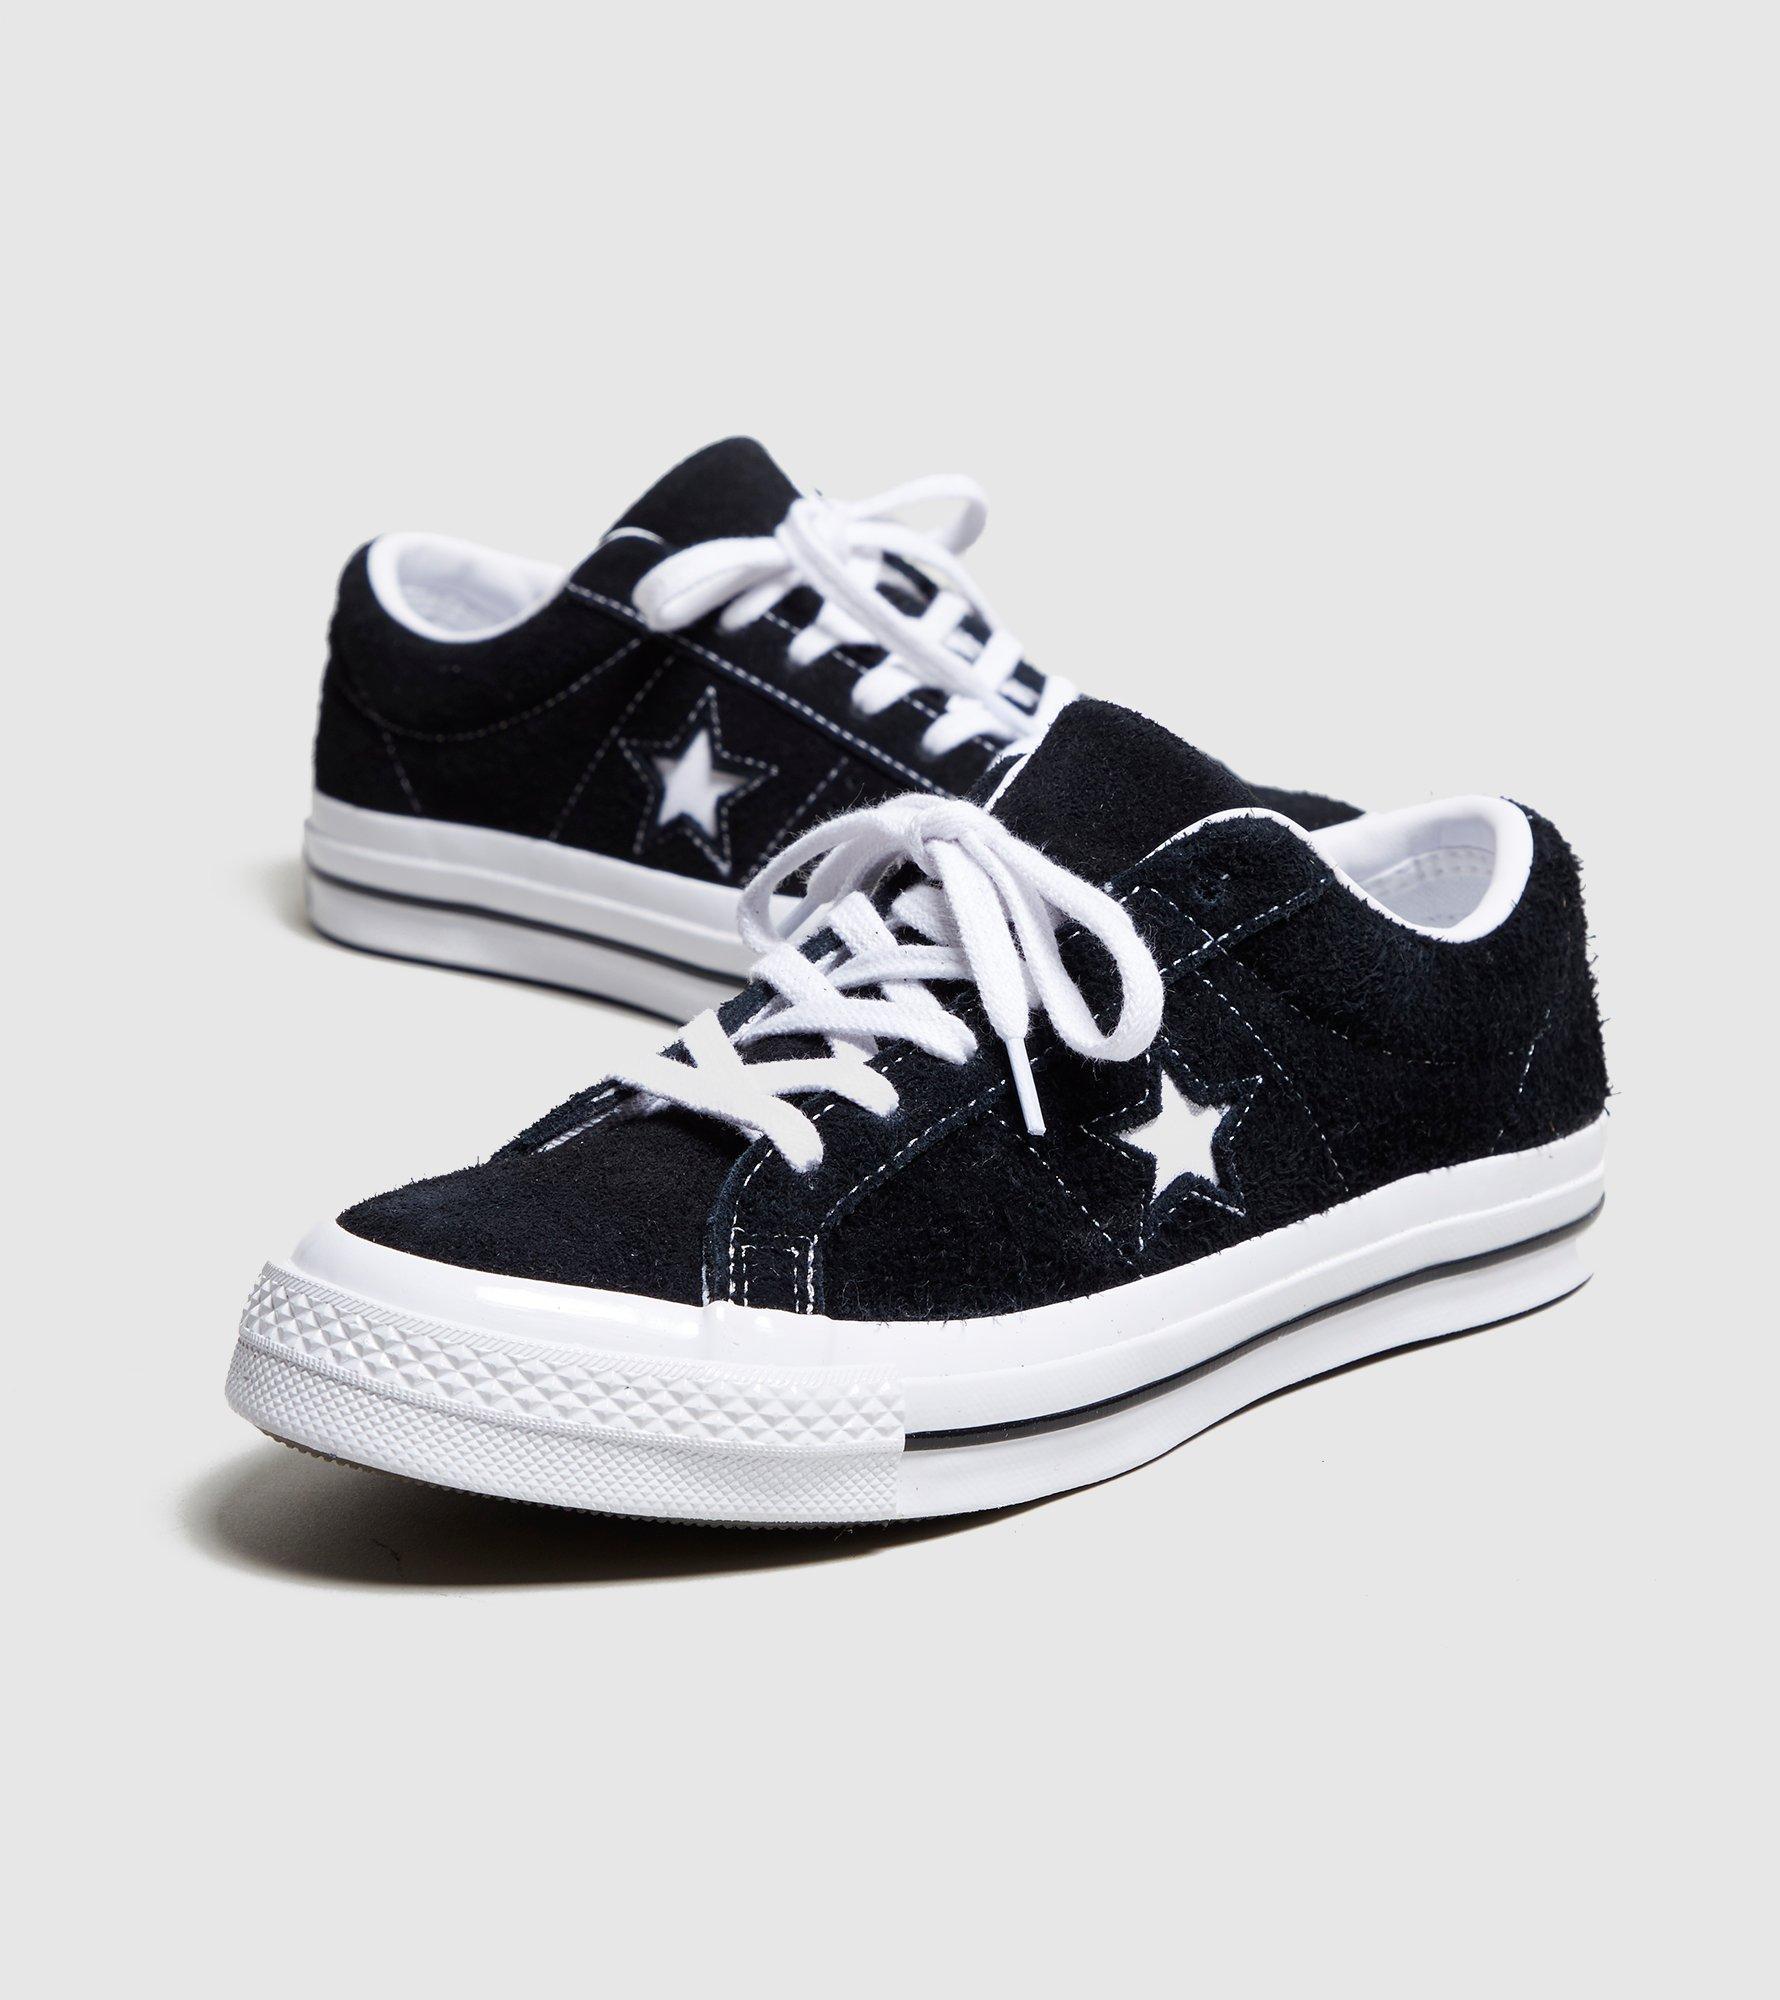 811406fecee4 Converse One Star Ox Women s in Black - Lyst